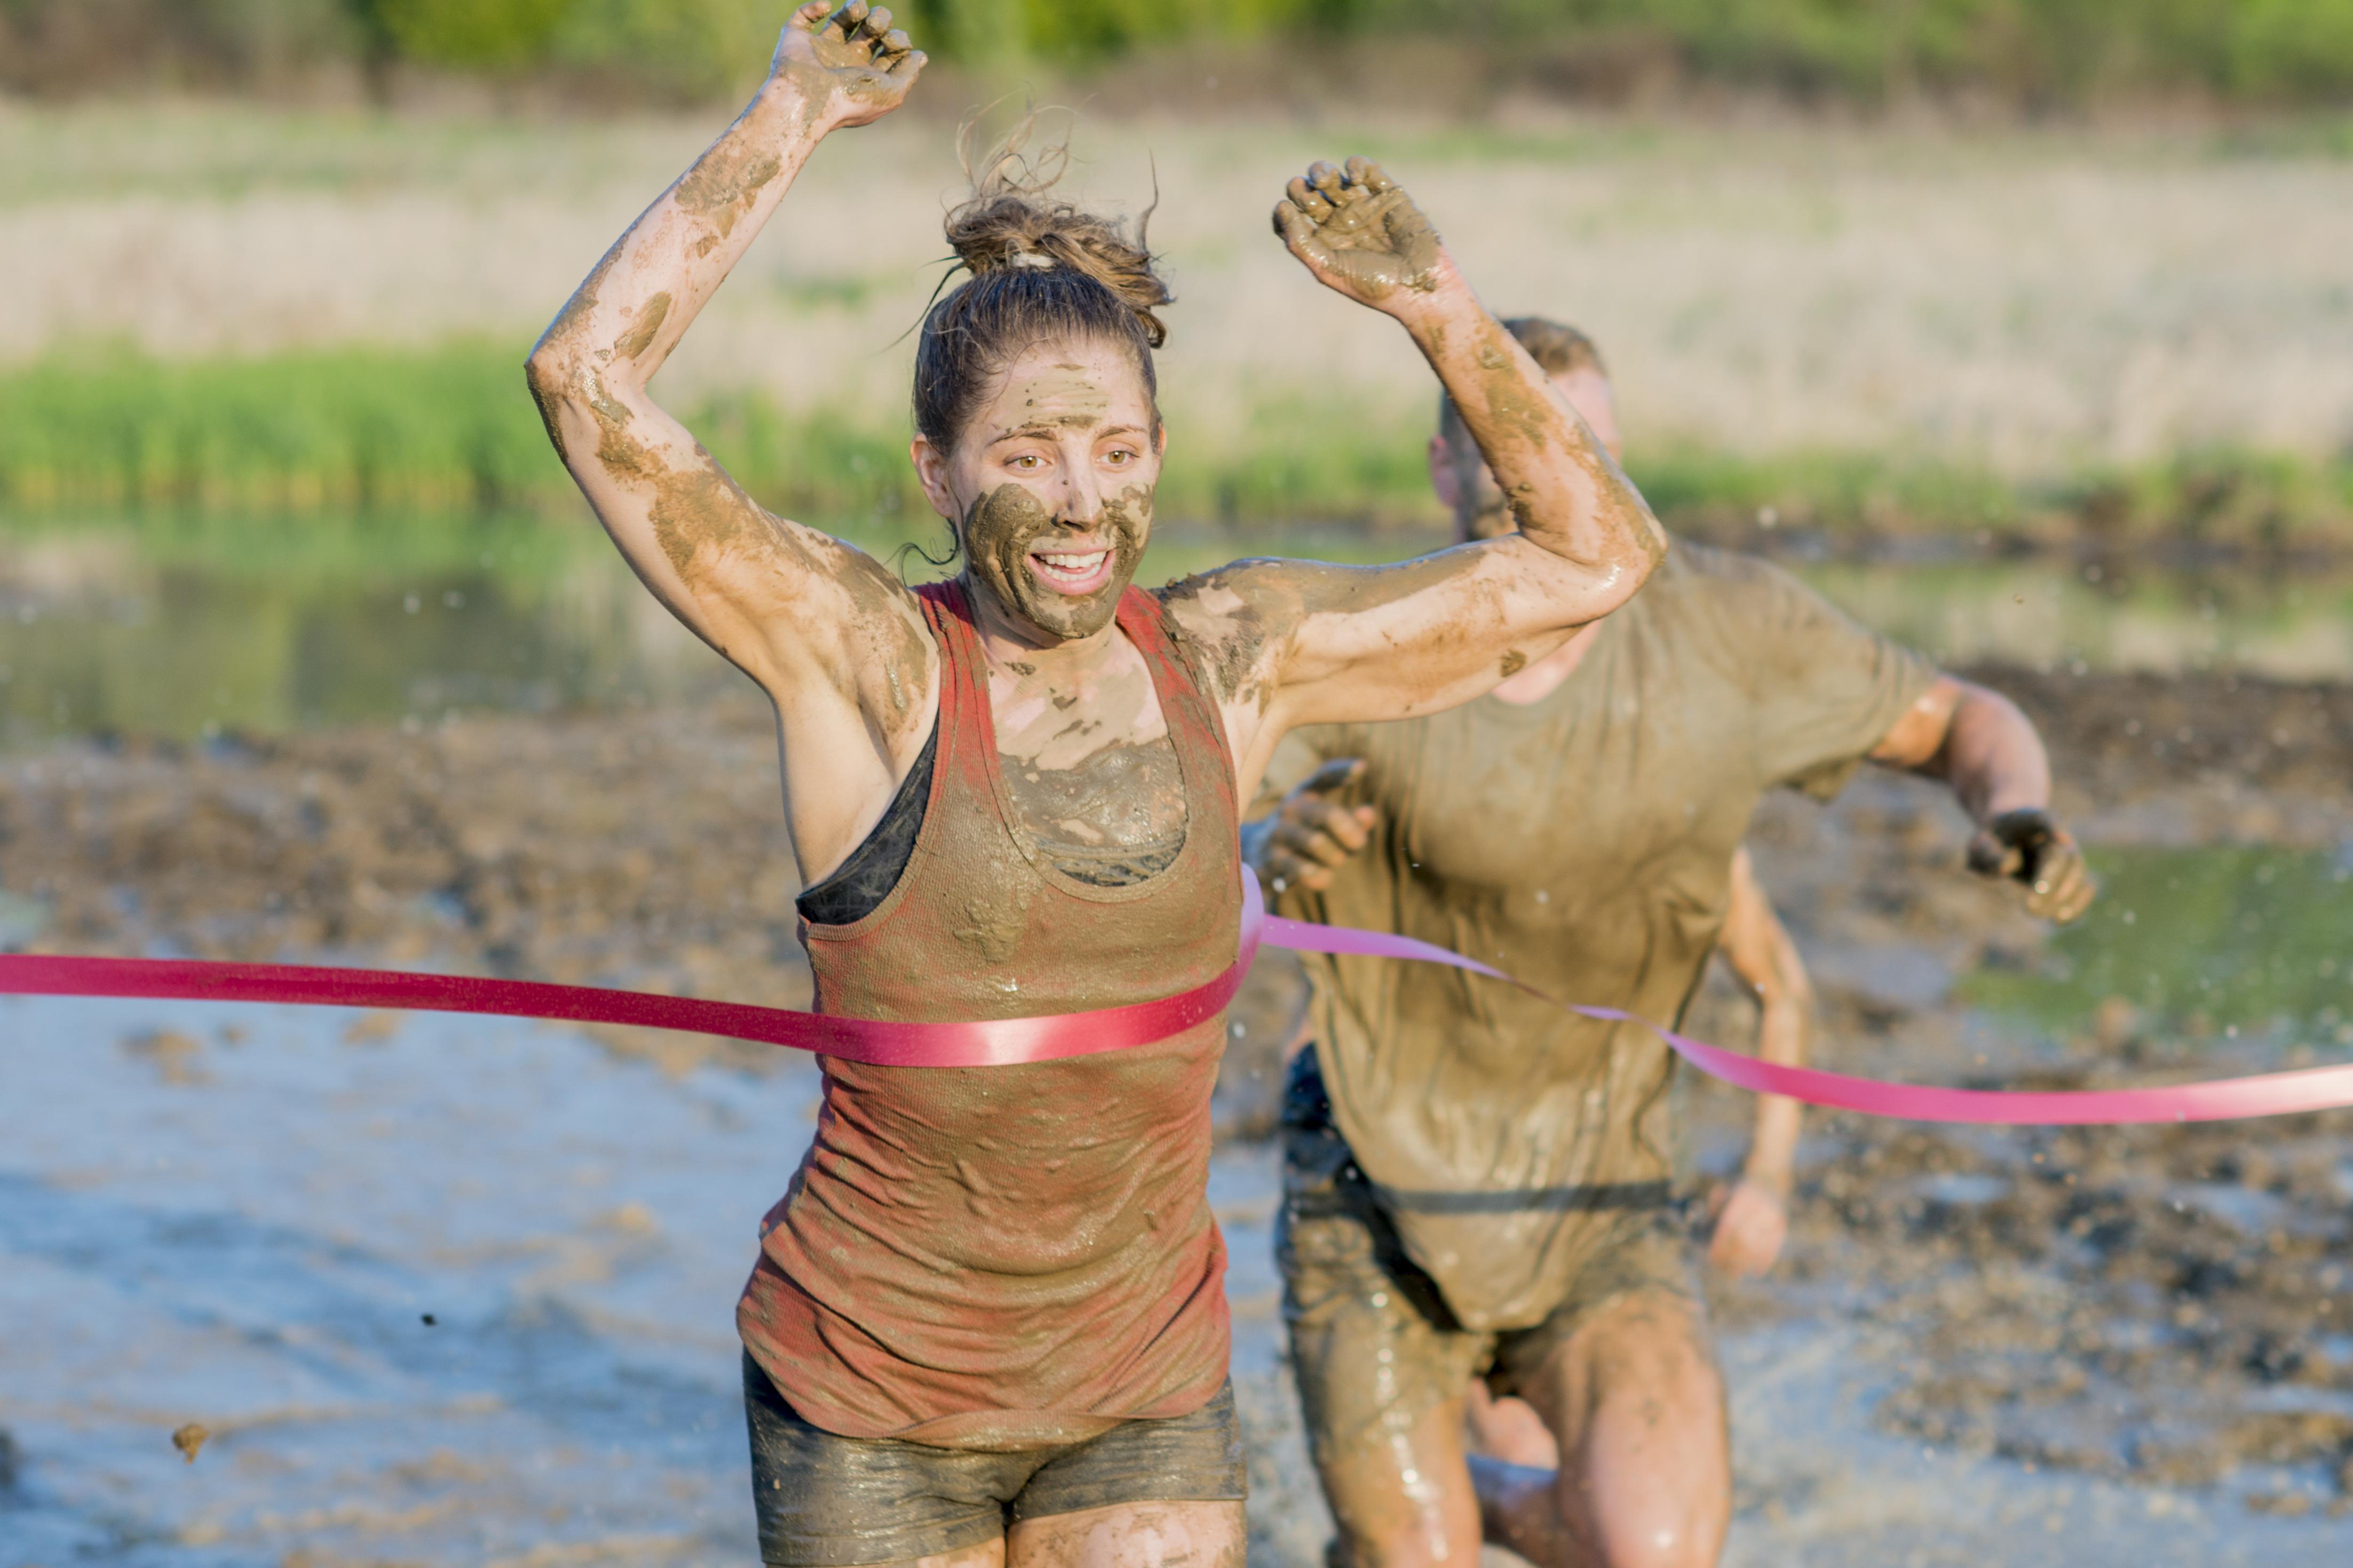 【米軍基地イベント】大人の泥んこレースMud Run(マッドラン)【近日開催あり】